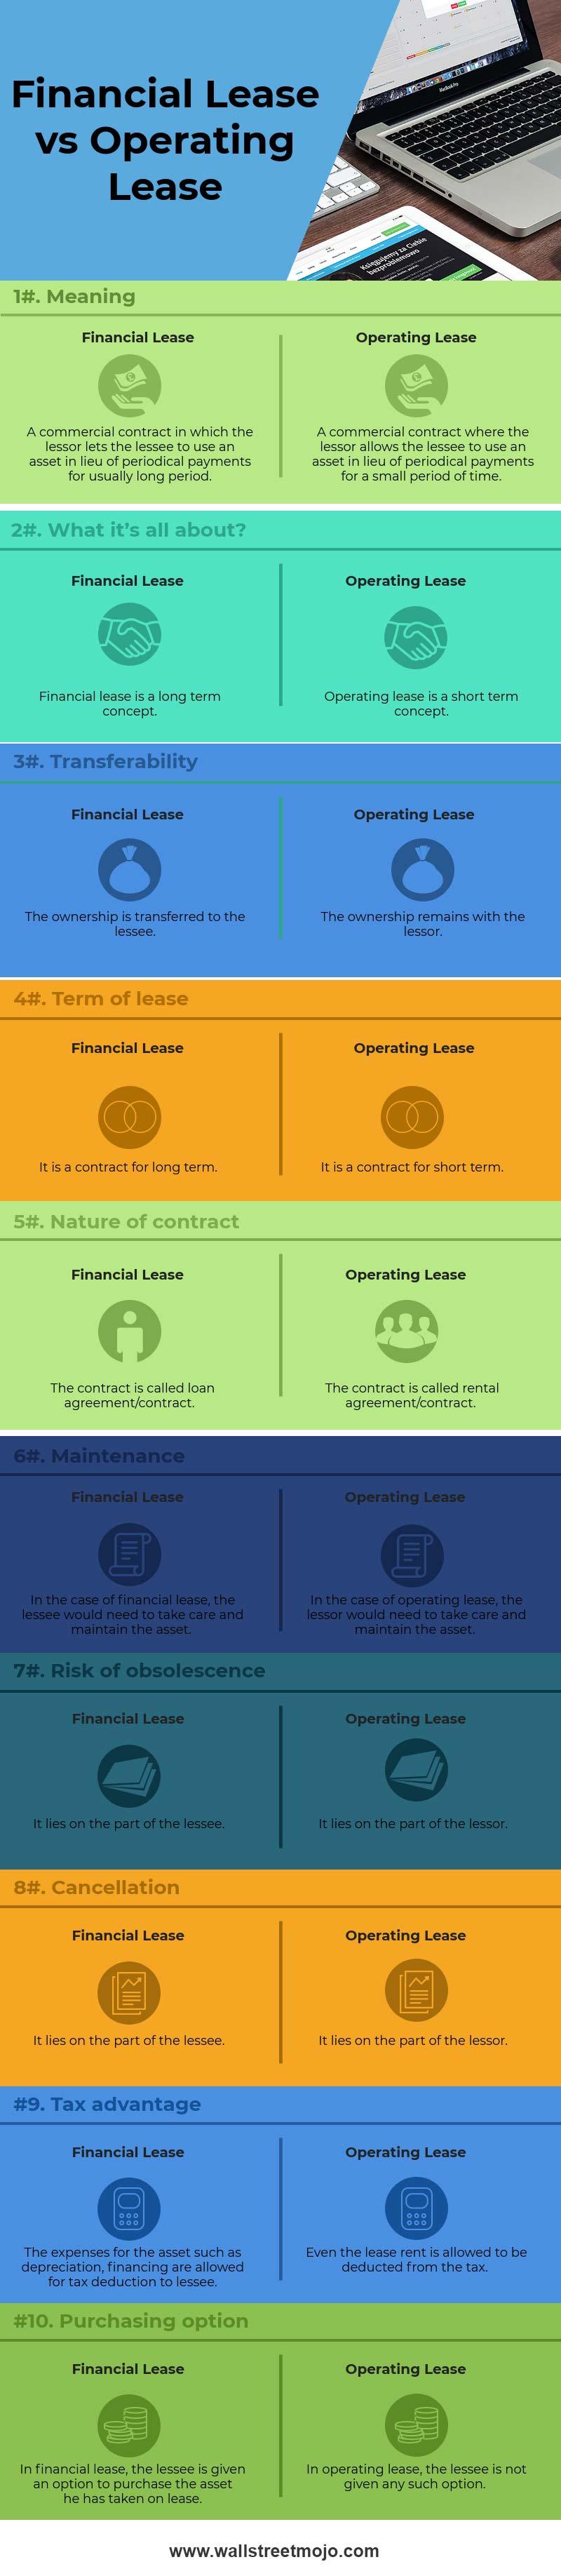 Финансовая аренда против операционной аренды